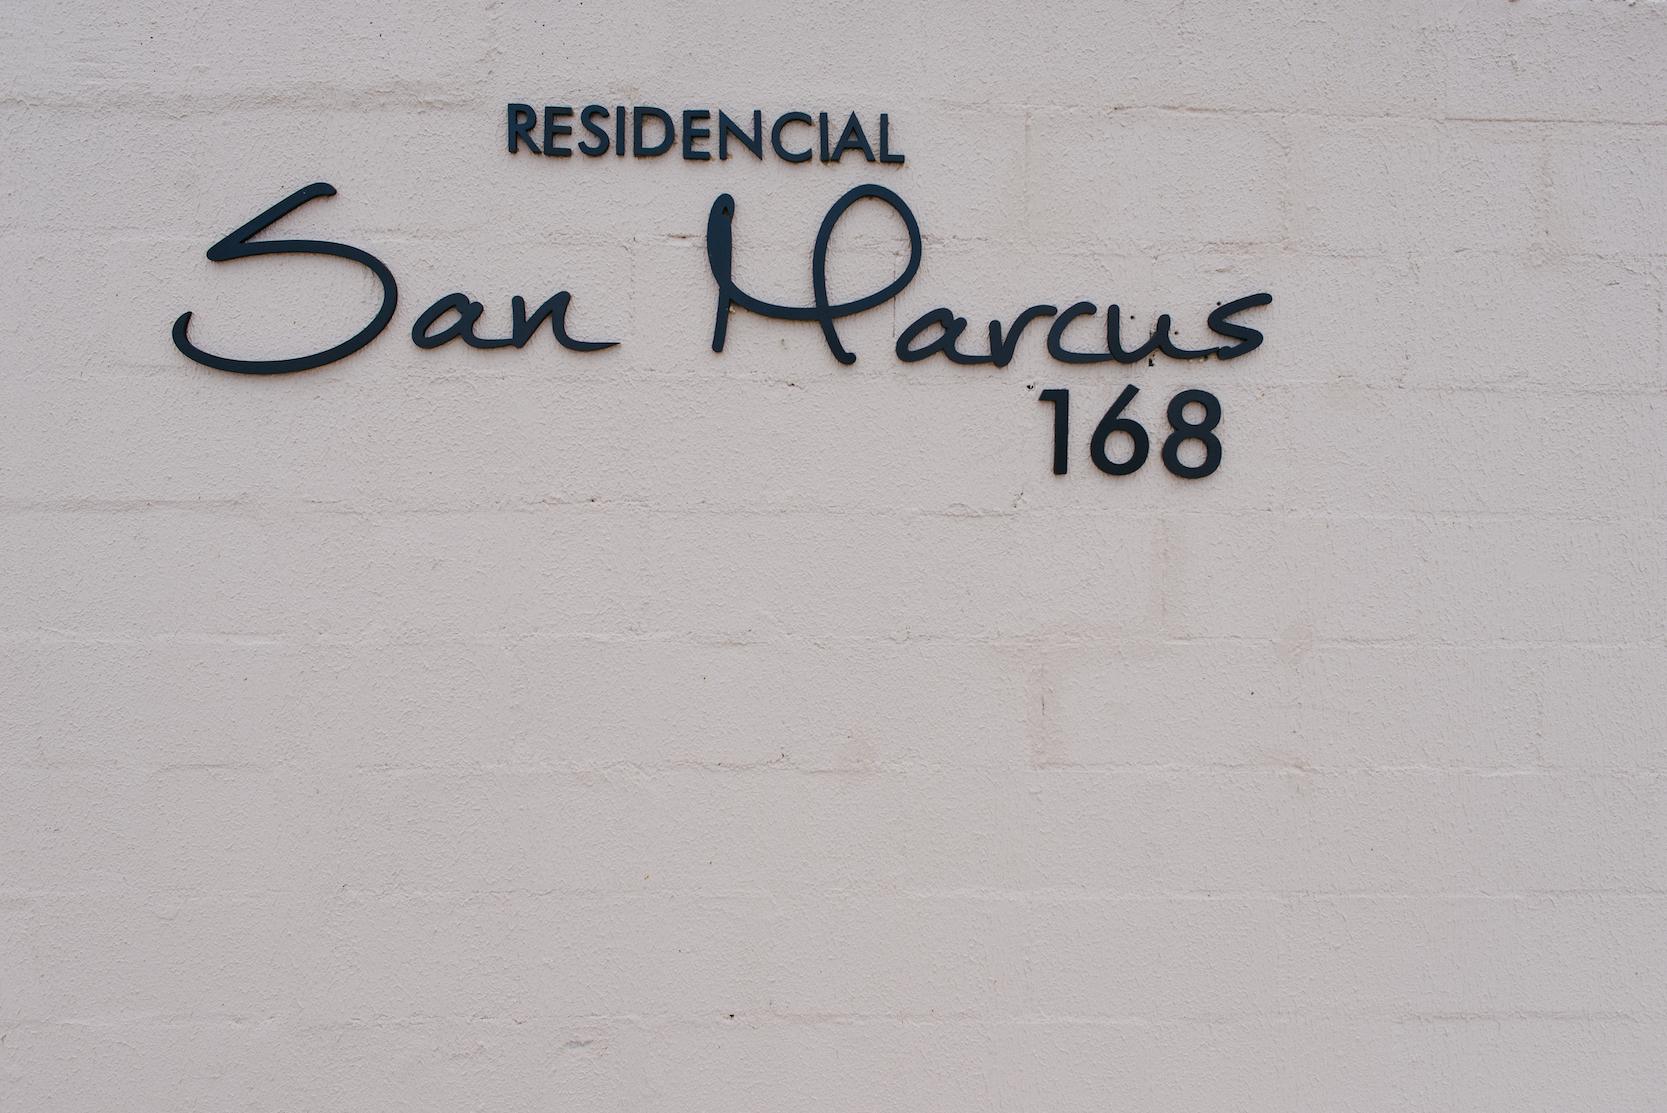 San Marcus